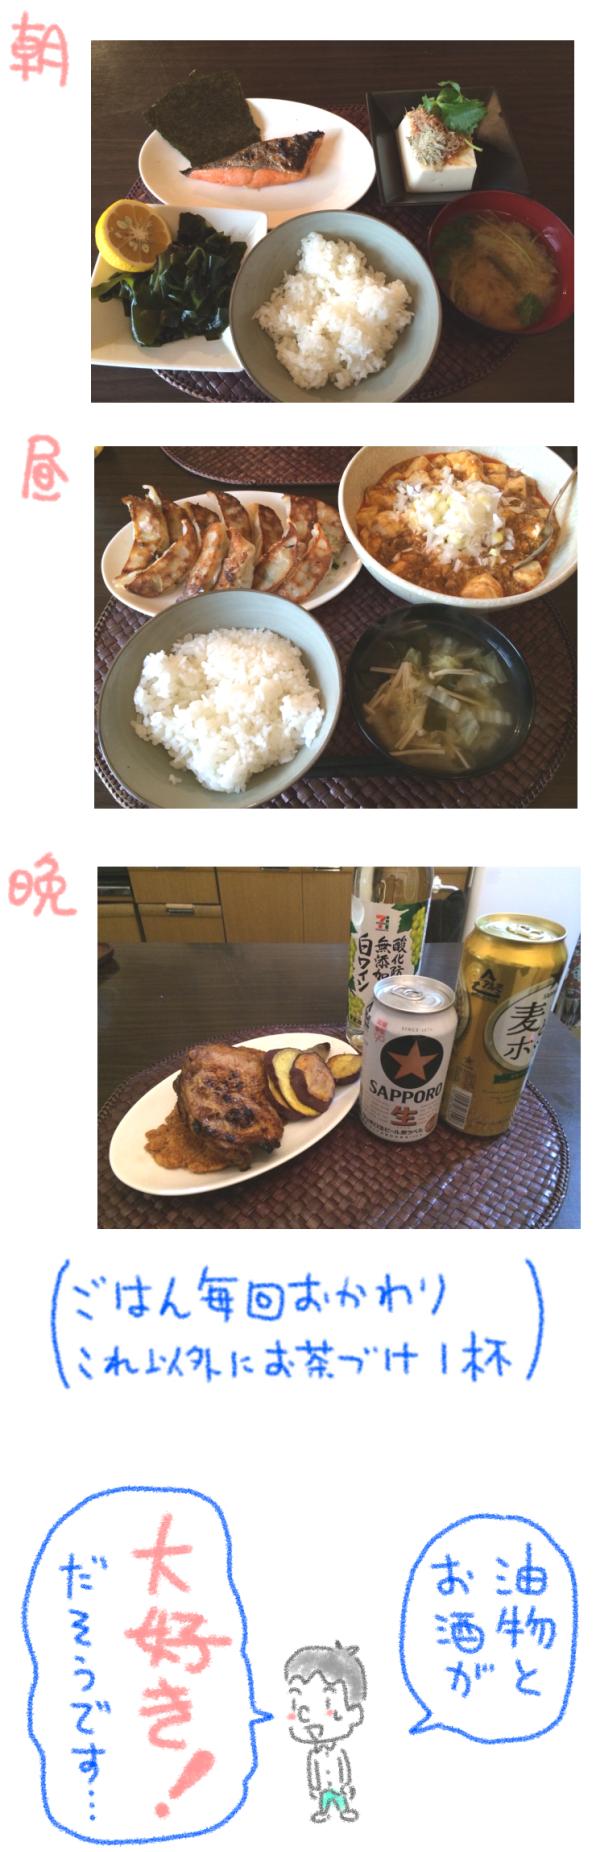 ダイエット前の食事内容